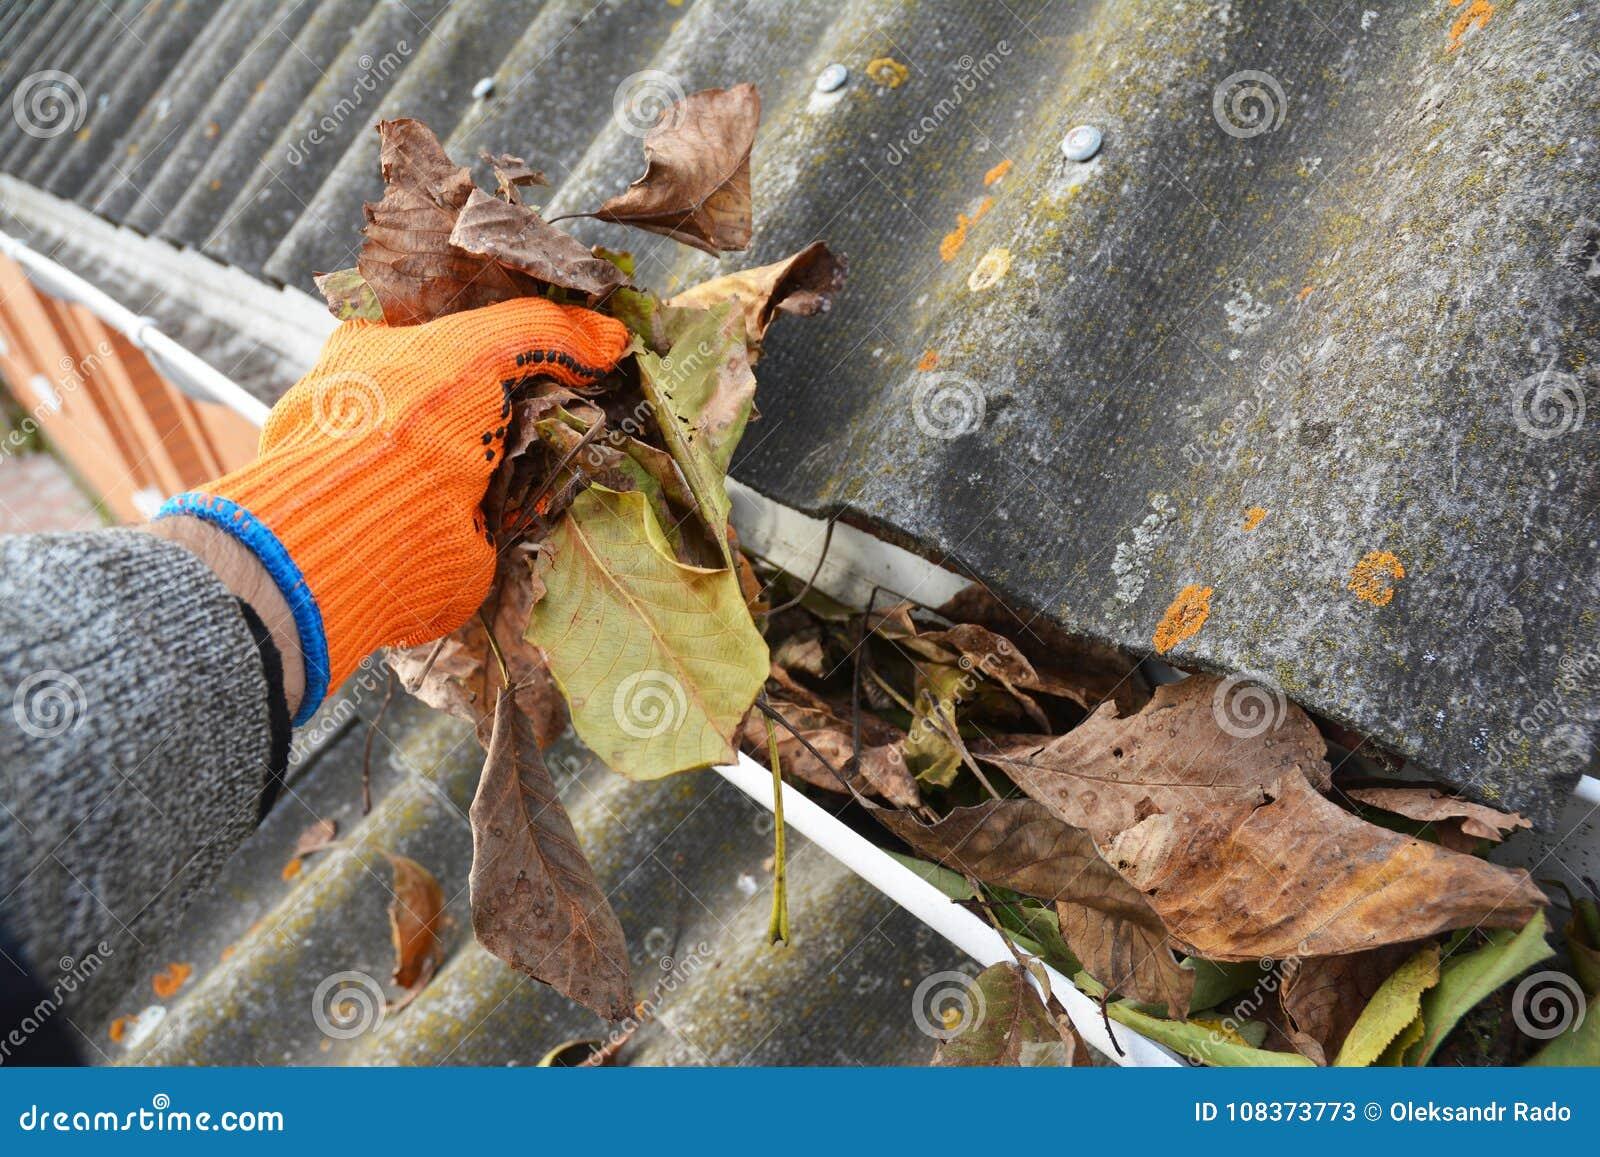 Regen-Gossen-Reinigung von den Blättern im Herbst Dach-Gosse Cleanin